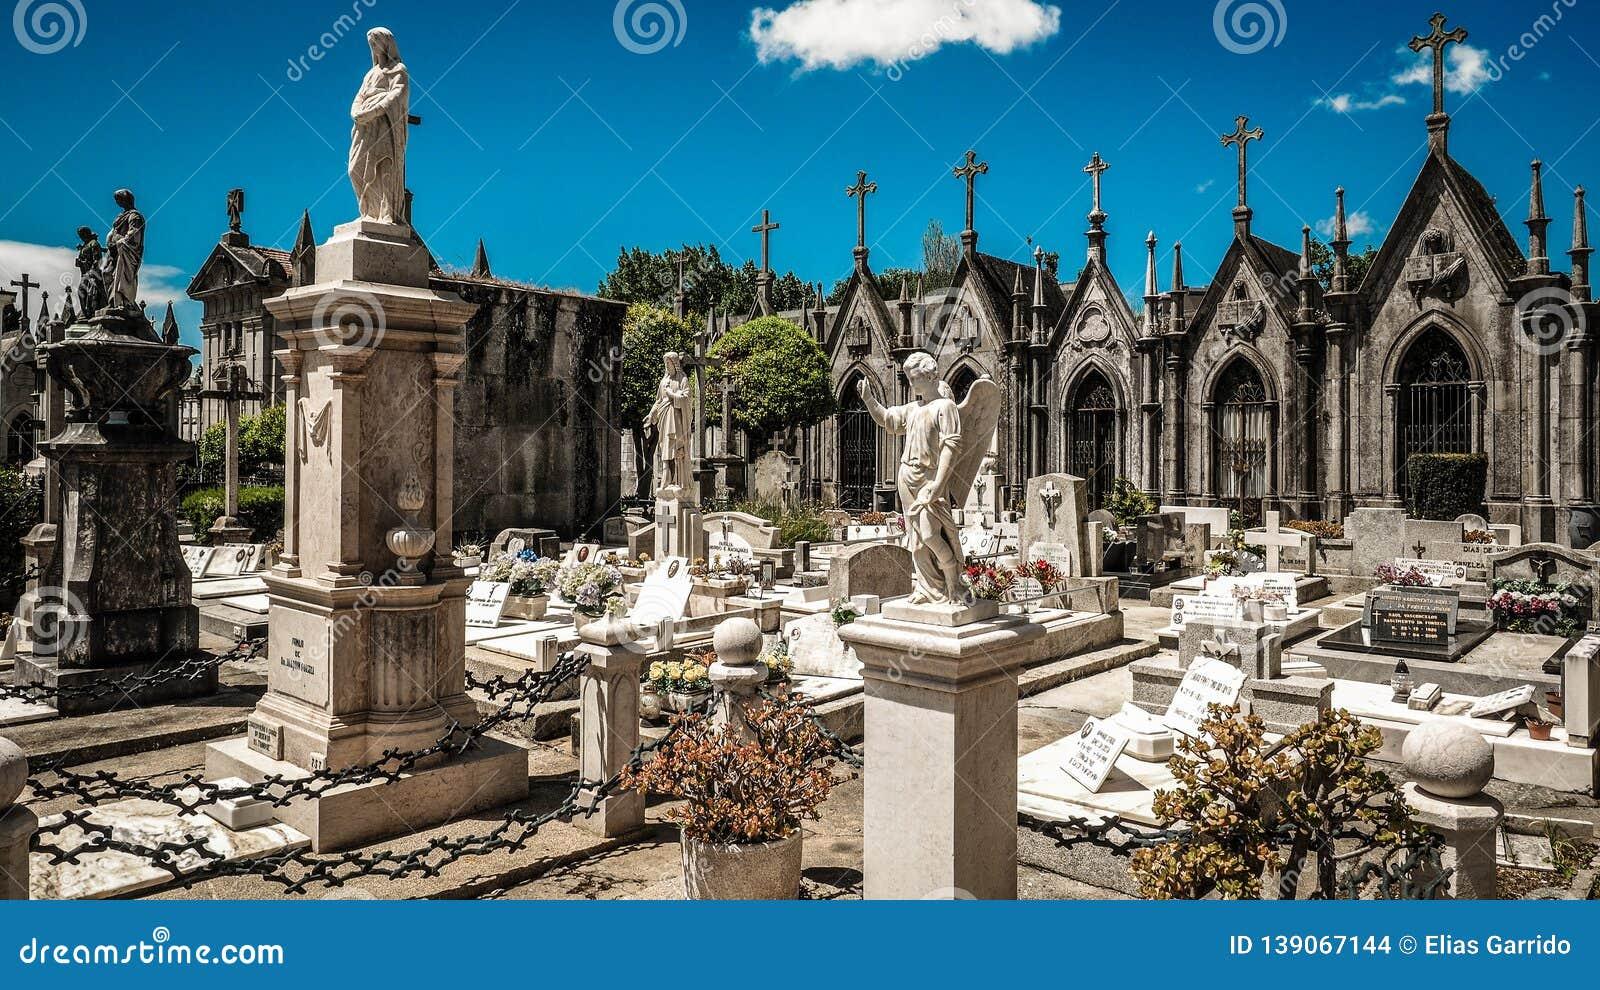 European Christian burial